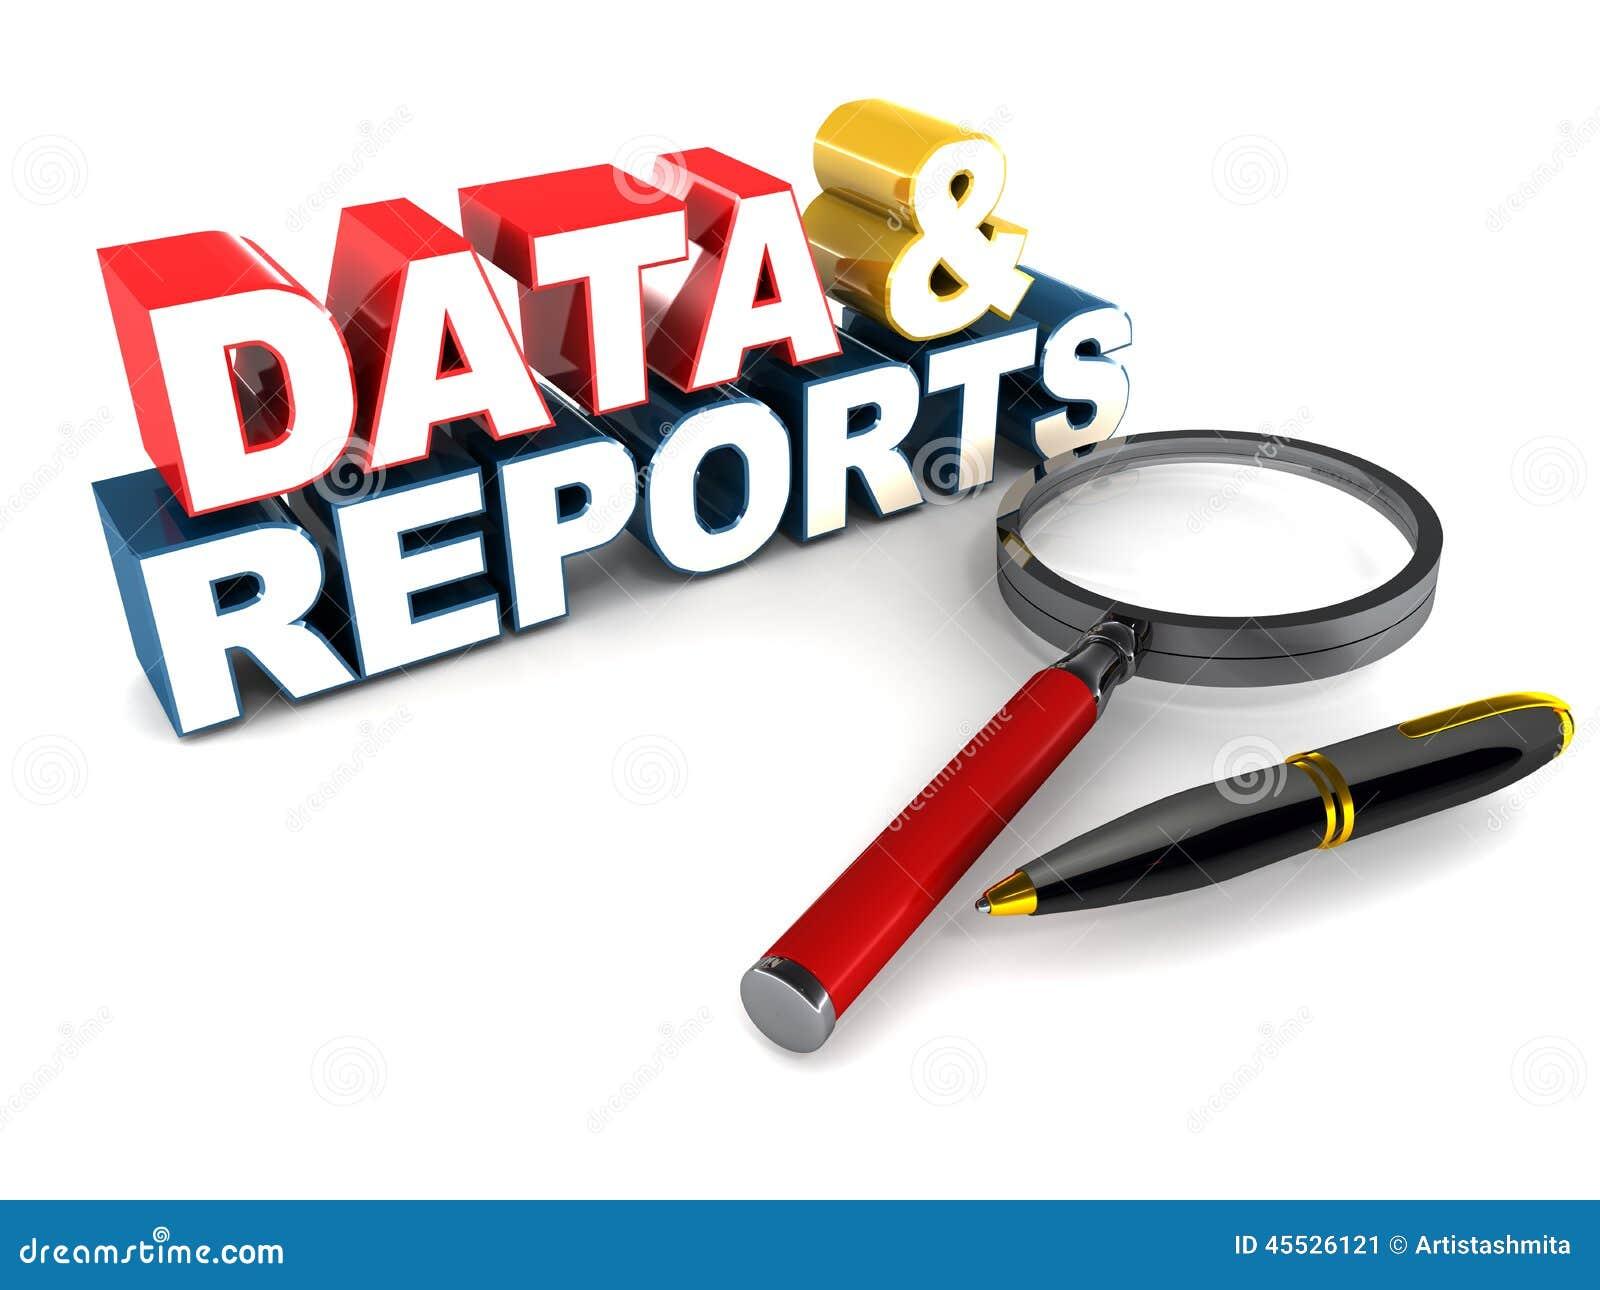 Daten und Berichte